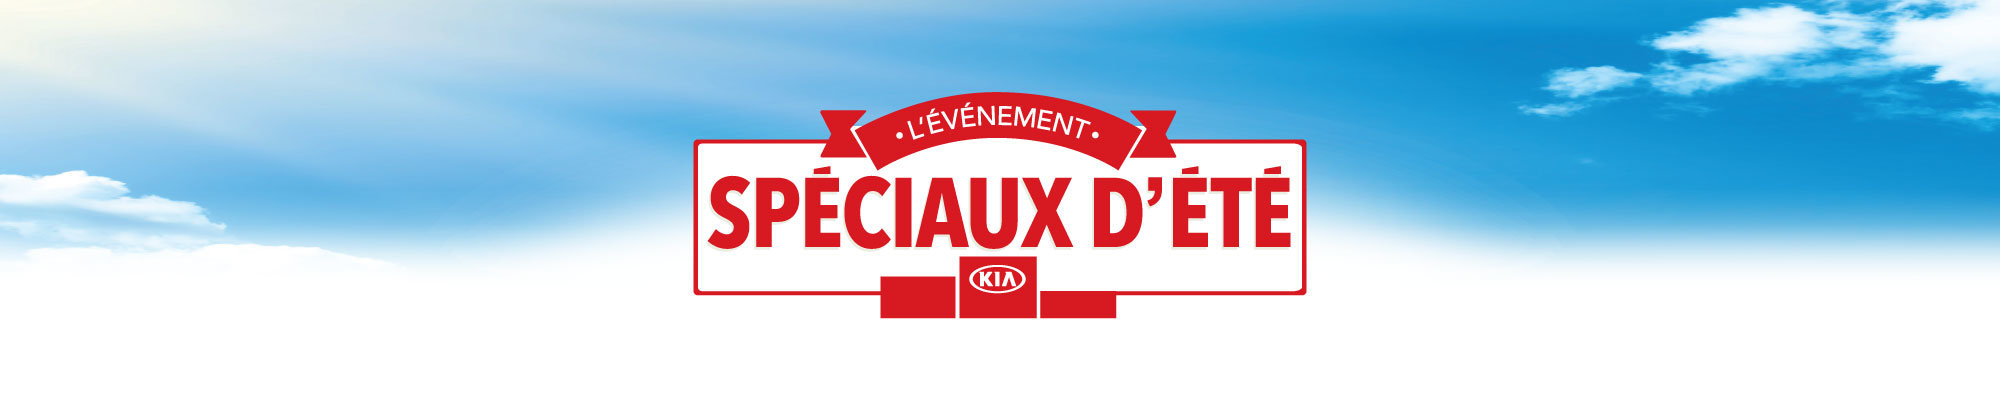 L'événement SPÉCIAUX D'ÉTÉ Kia web